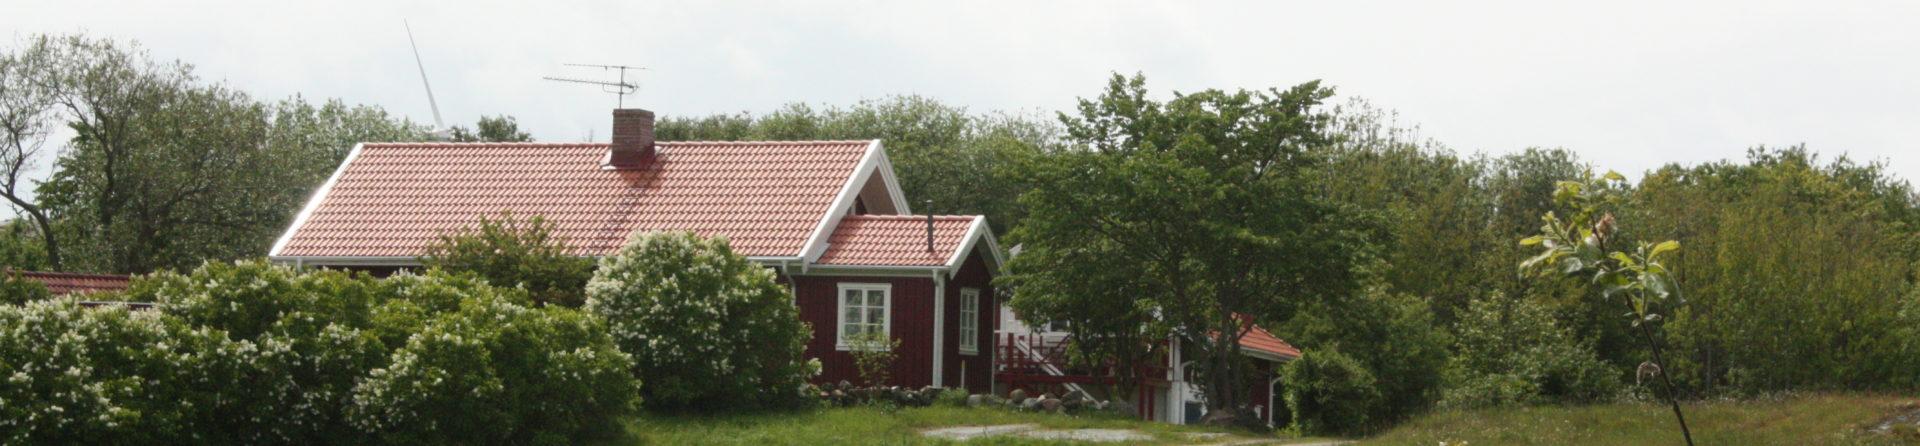 Mollösundsgården